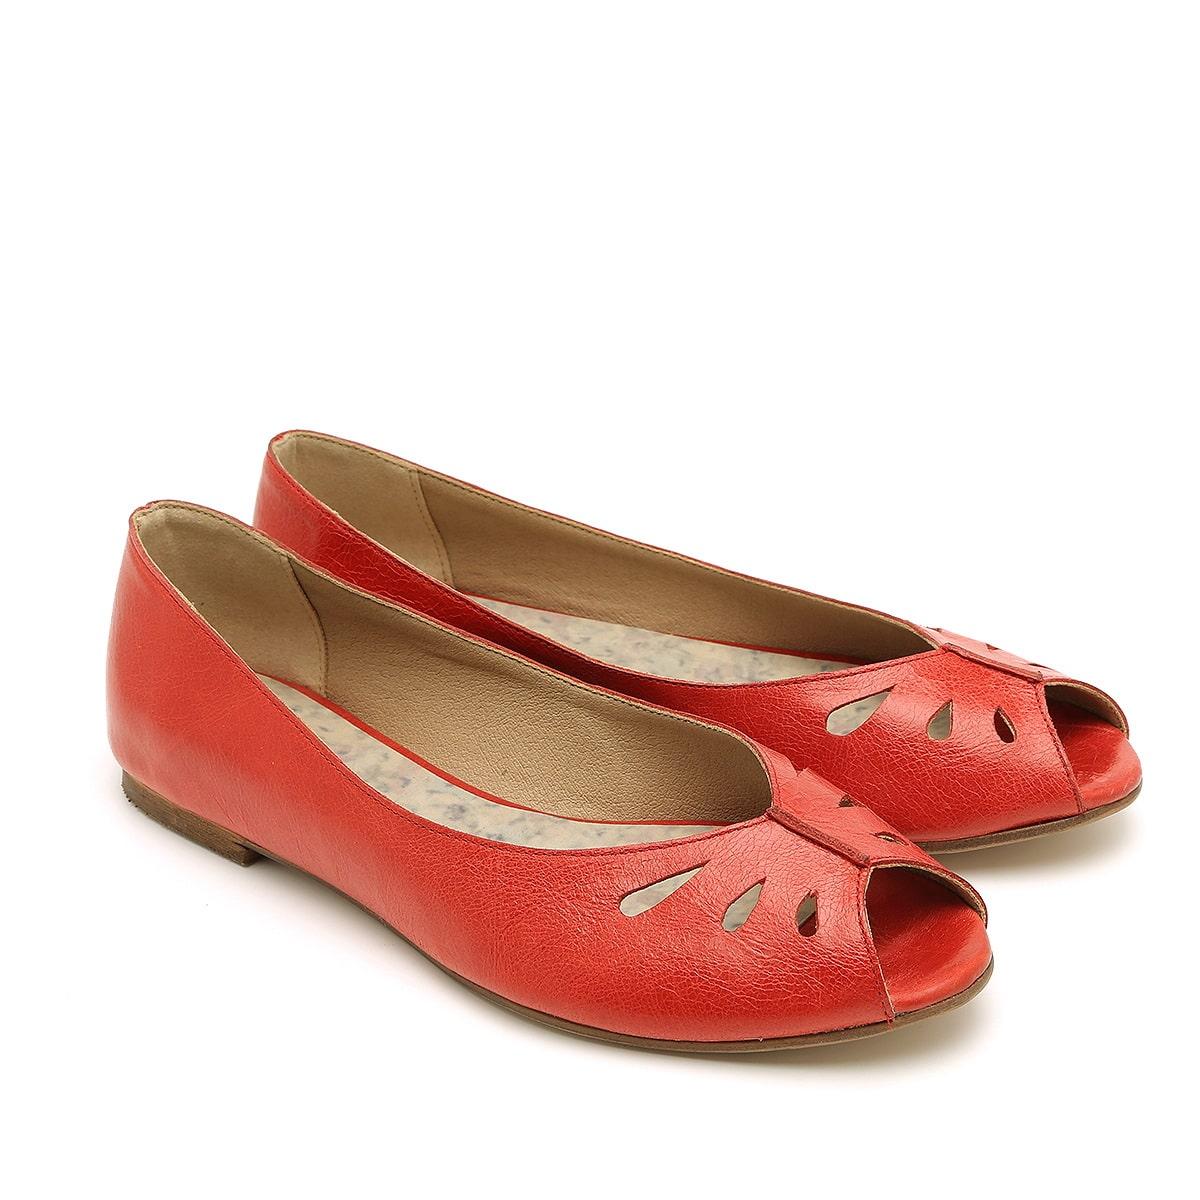 דגם סימון: נעלי סירה לנשים